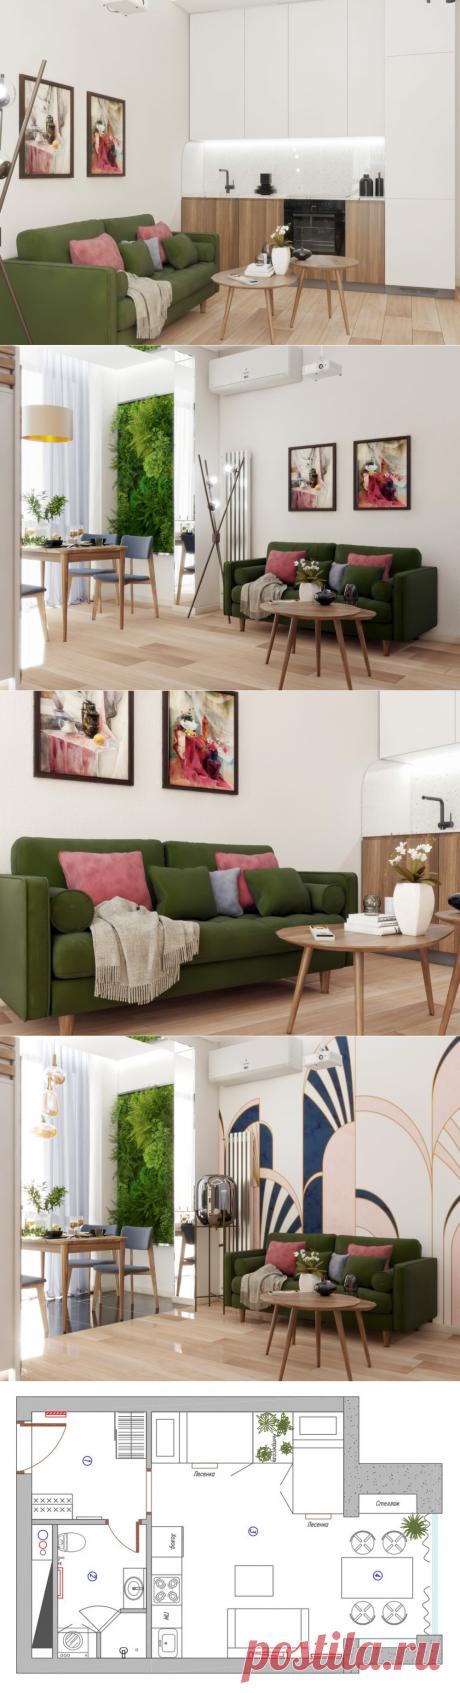 Интерьер: удобная и невероятно стильная квартира 30 кв. м | Уютная Квартира | Яндекс Дзен